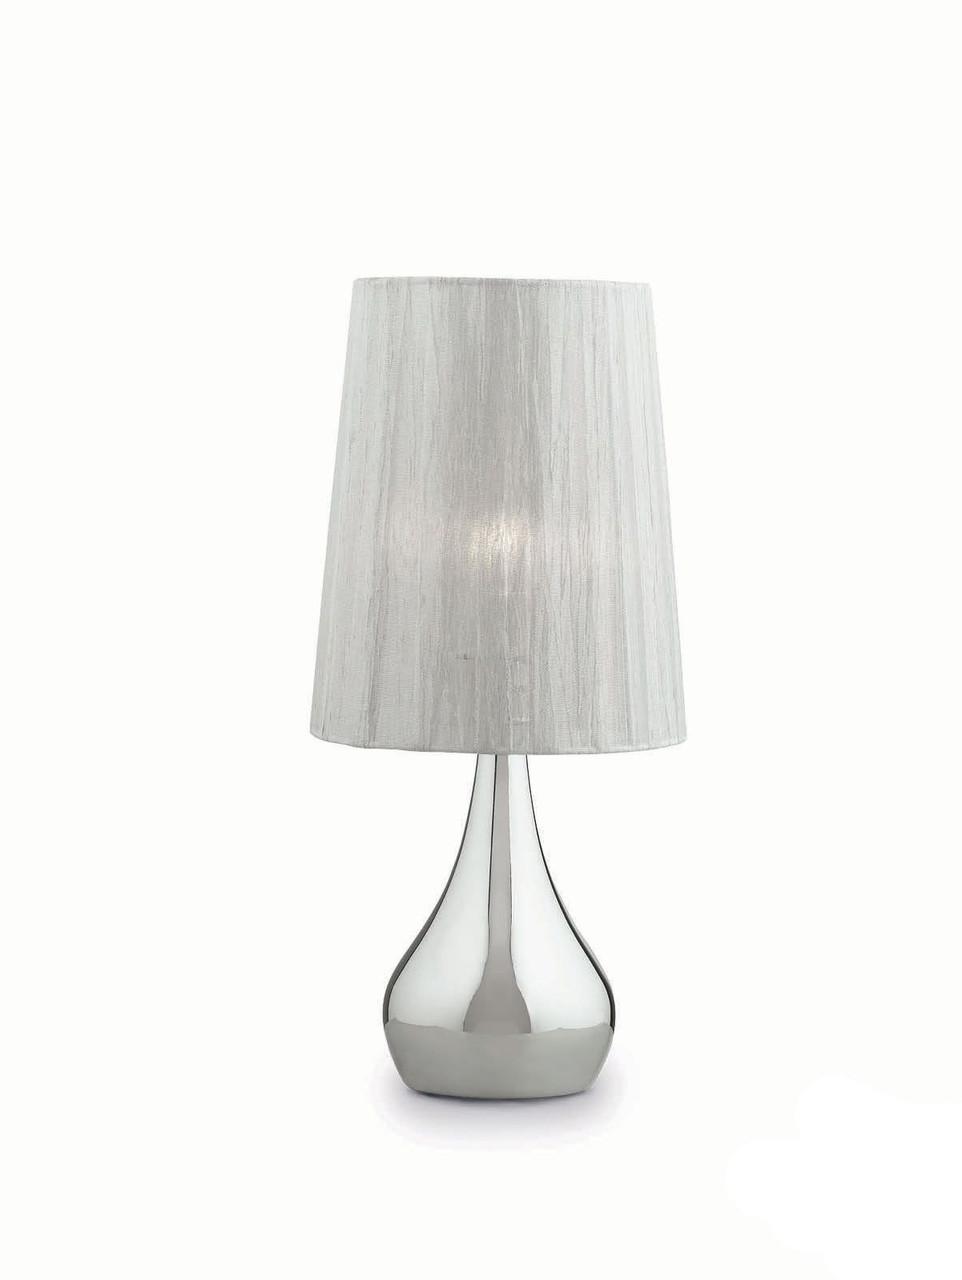 Настольная лампа Eternity TL1 Small. Ideal Lux